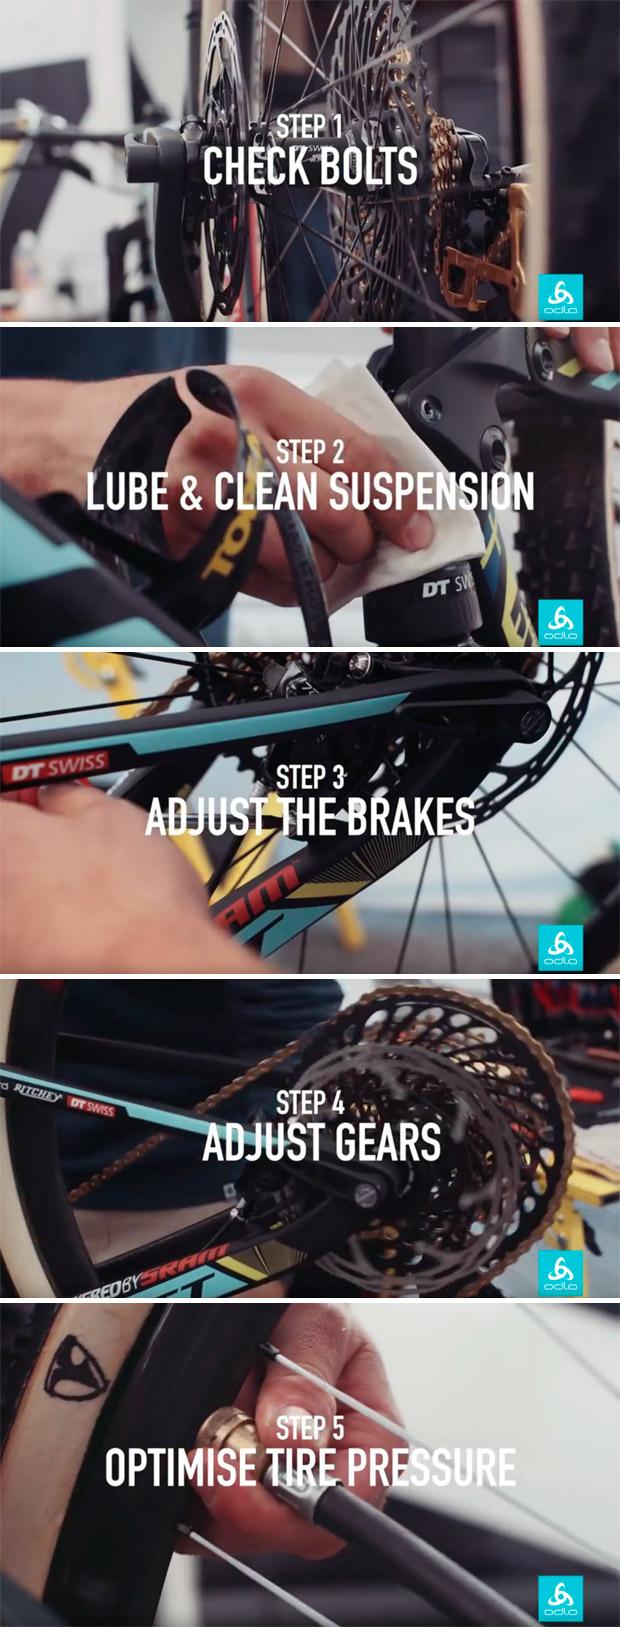 En TodoMountainBike: Así se ajusta una bicicleta de competición antes de una carrera